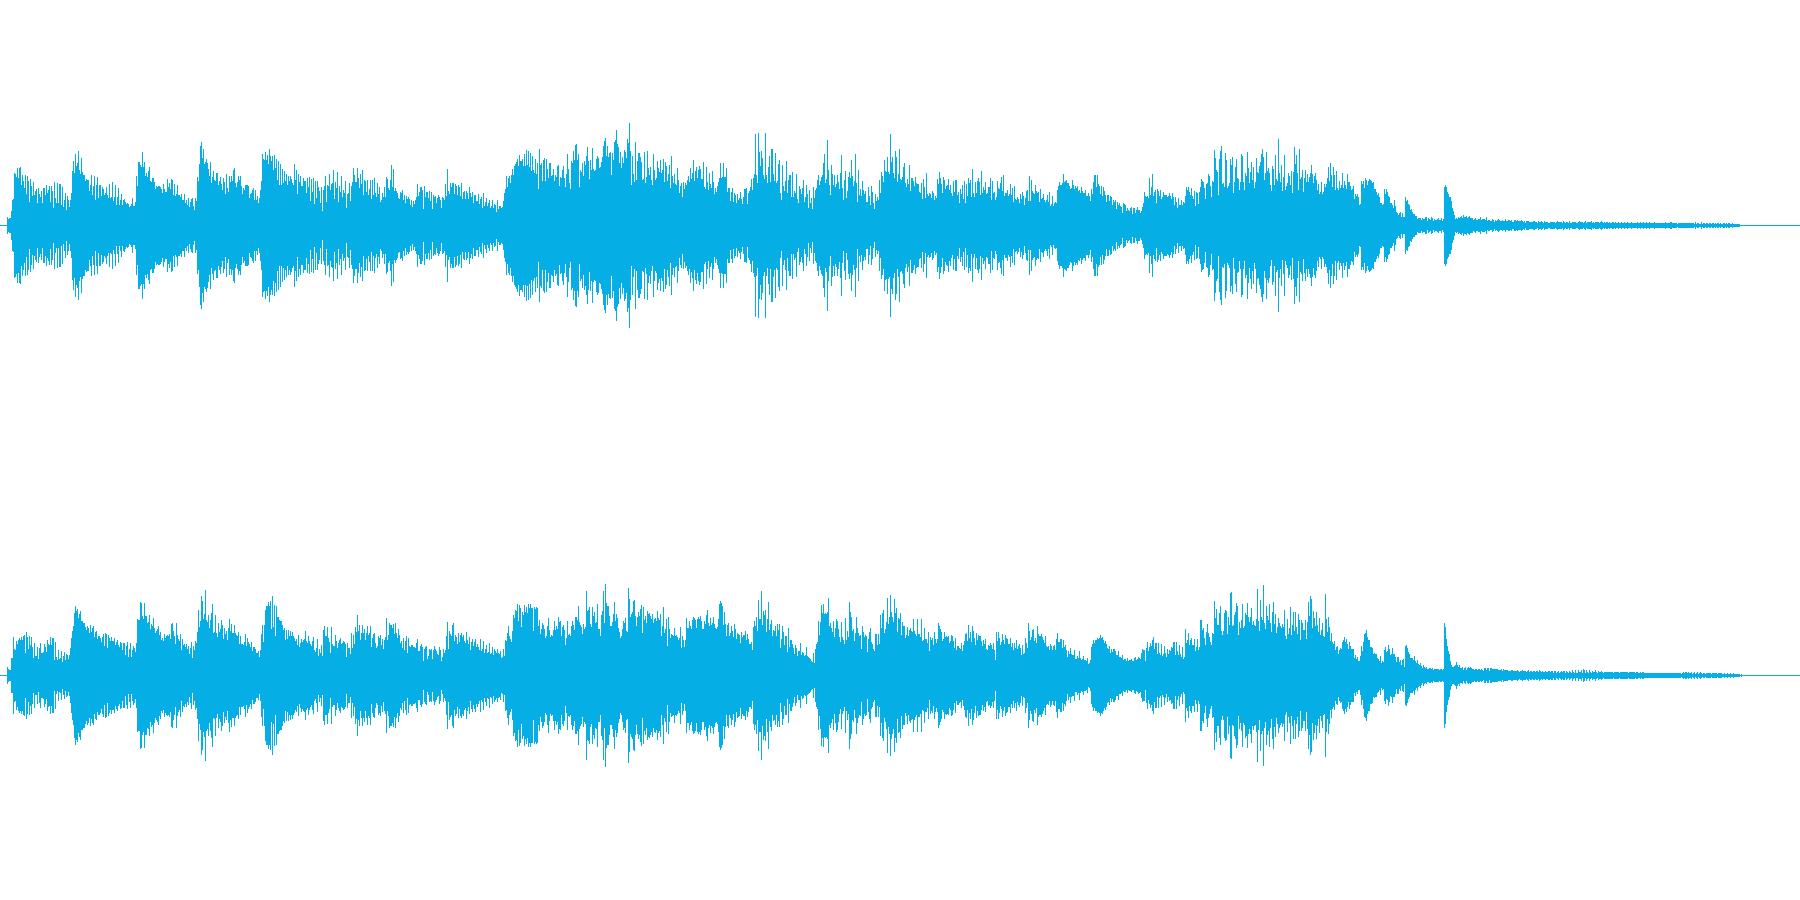 ノスタルジックで懐かしい雰囲気のジングルの再生済みの波形